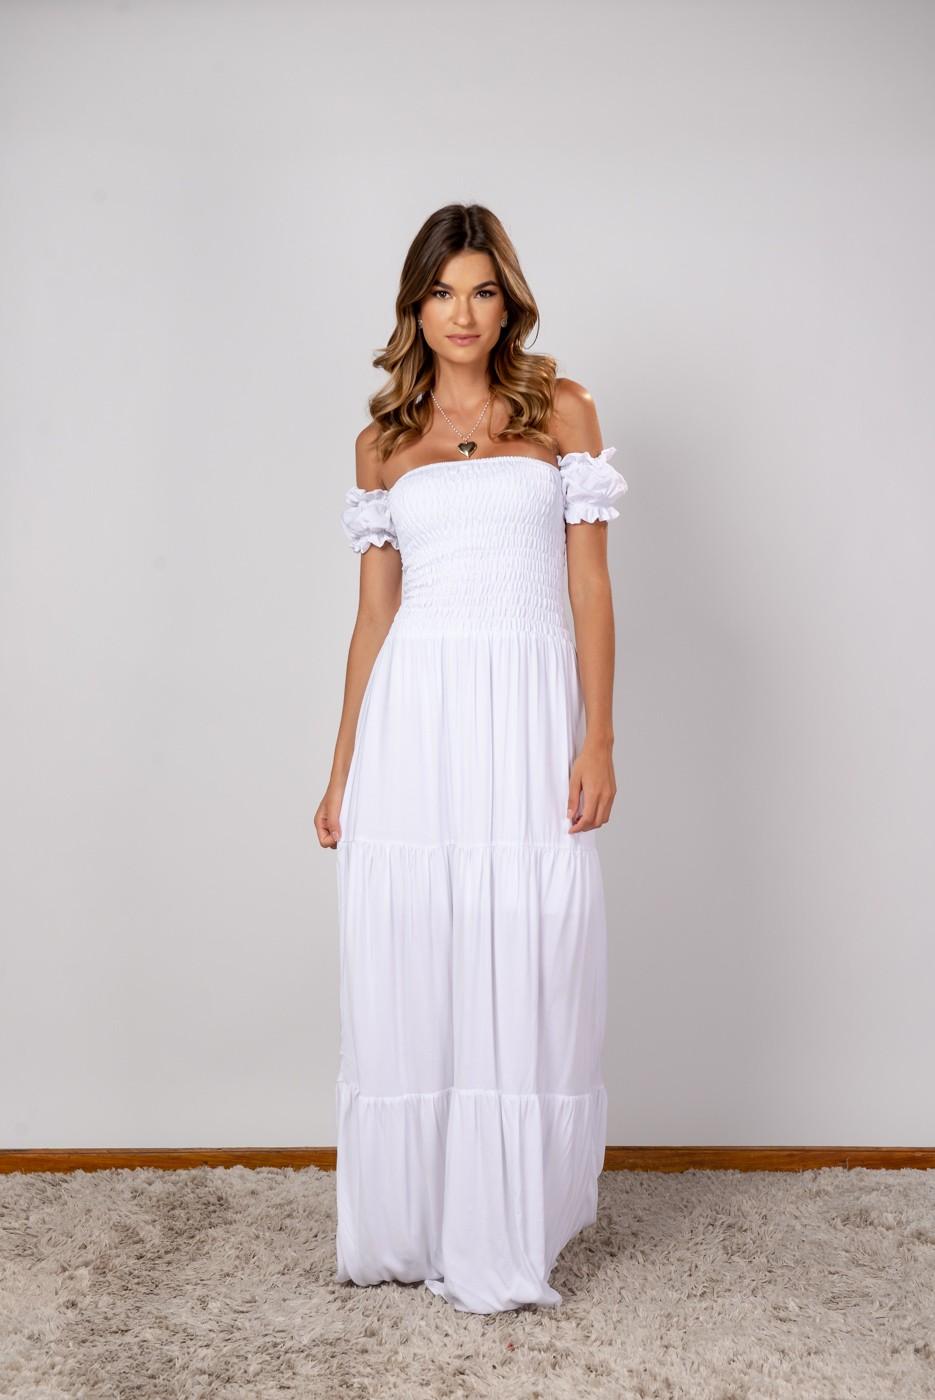 Vestido Lastex Ombro Off white